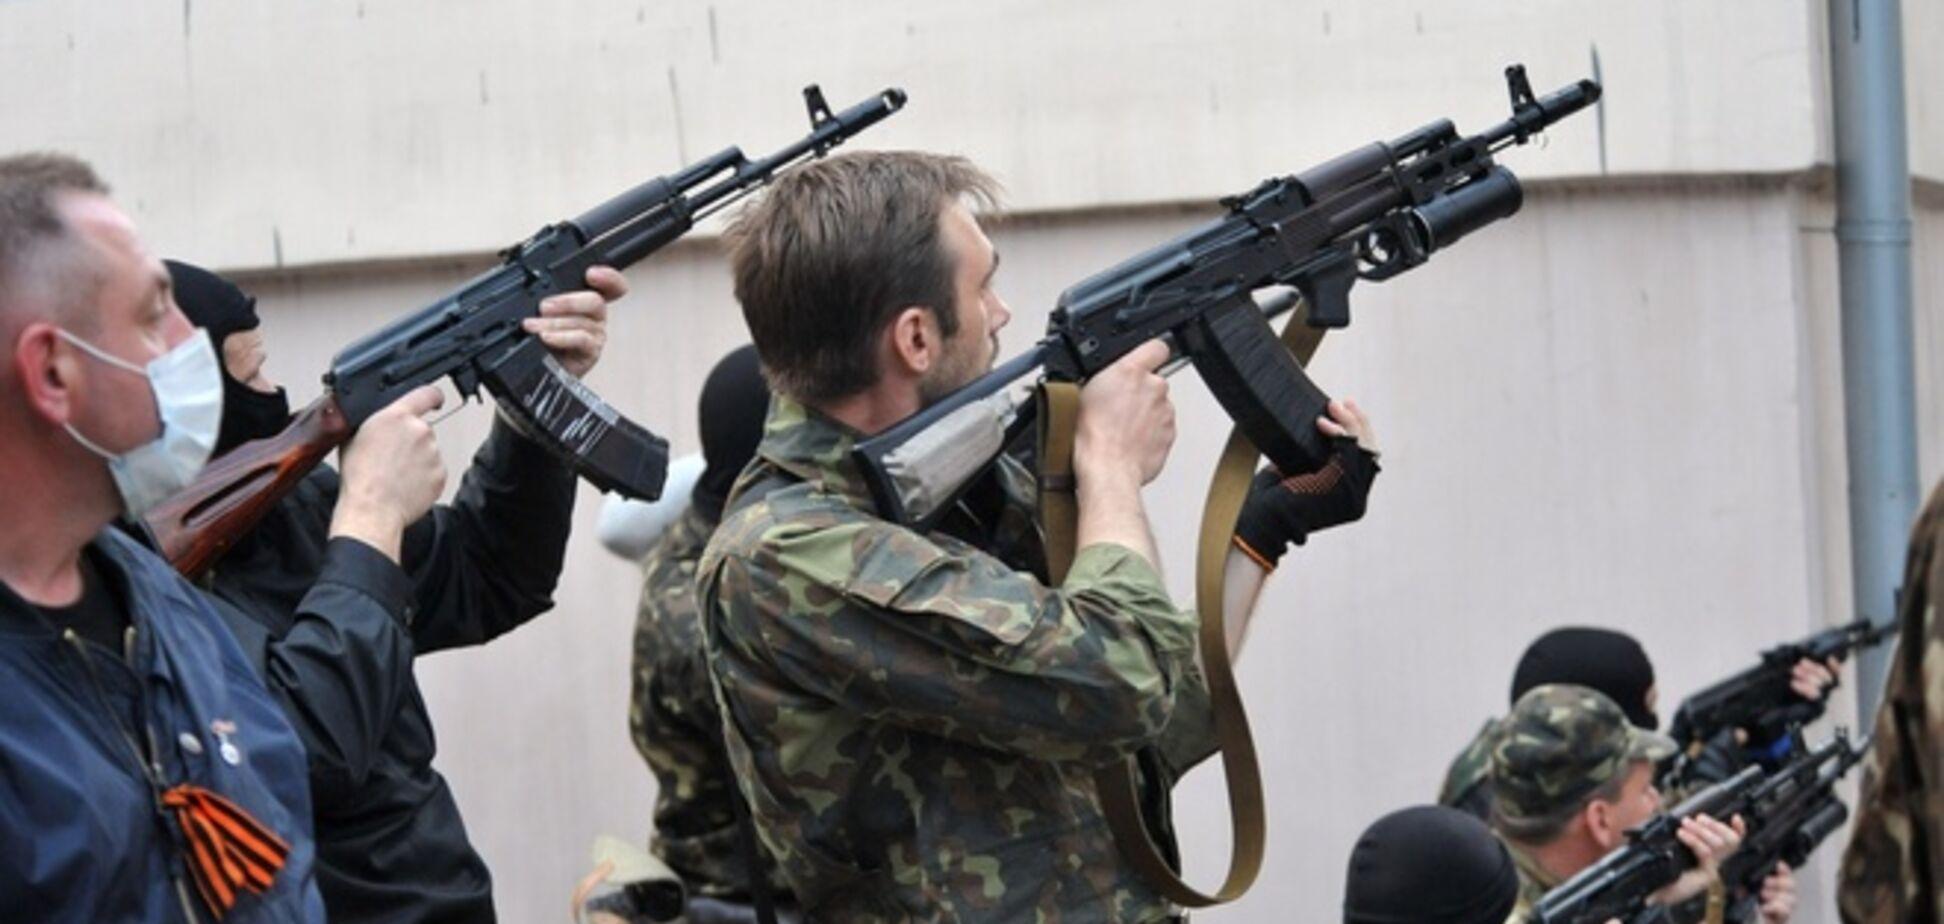 В Донецкой области возобновились боевые действия: террористы устанавливают новые блокпосты и захватывают предприятия